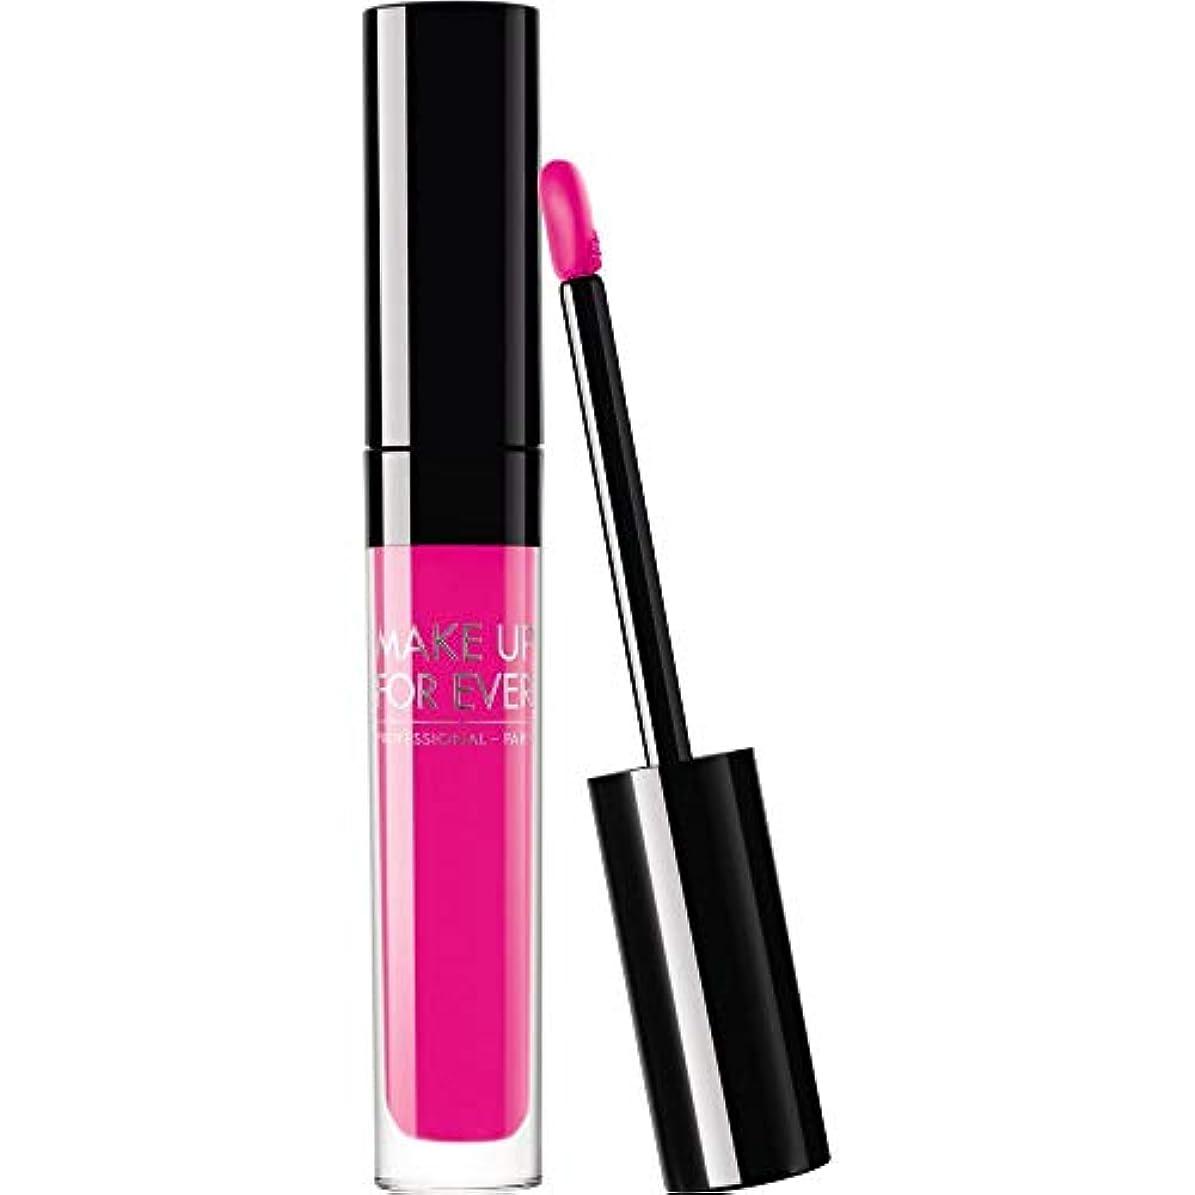 オフェンスクック別れる[MAKE UP FOR EVER] これまでアーティストの液体マットリップカラー2.5ミリリットルの200を補う - フクシア - MAKE UP FOR EVER Artist Liquid Matte Lip Colour...